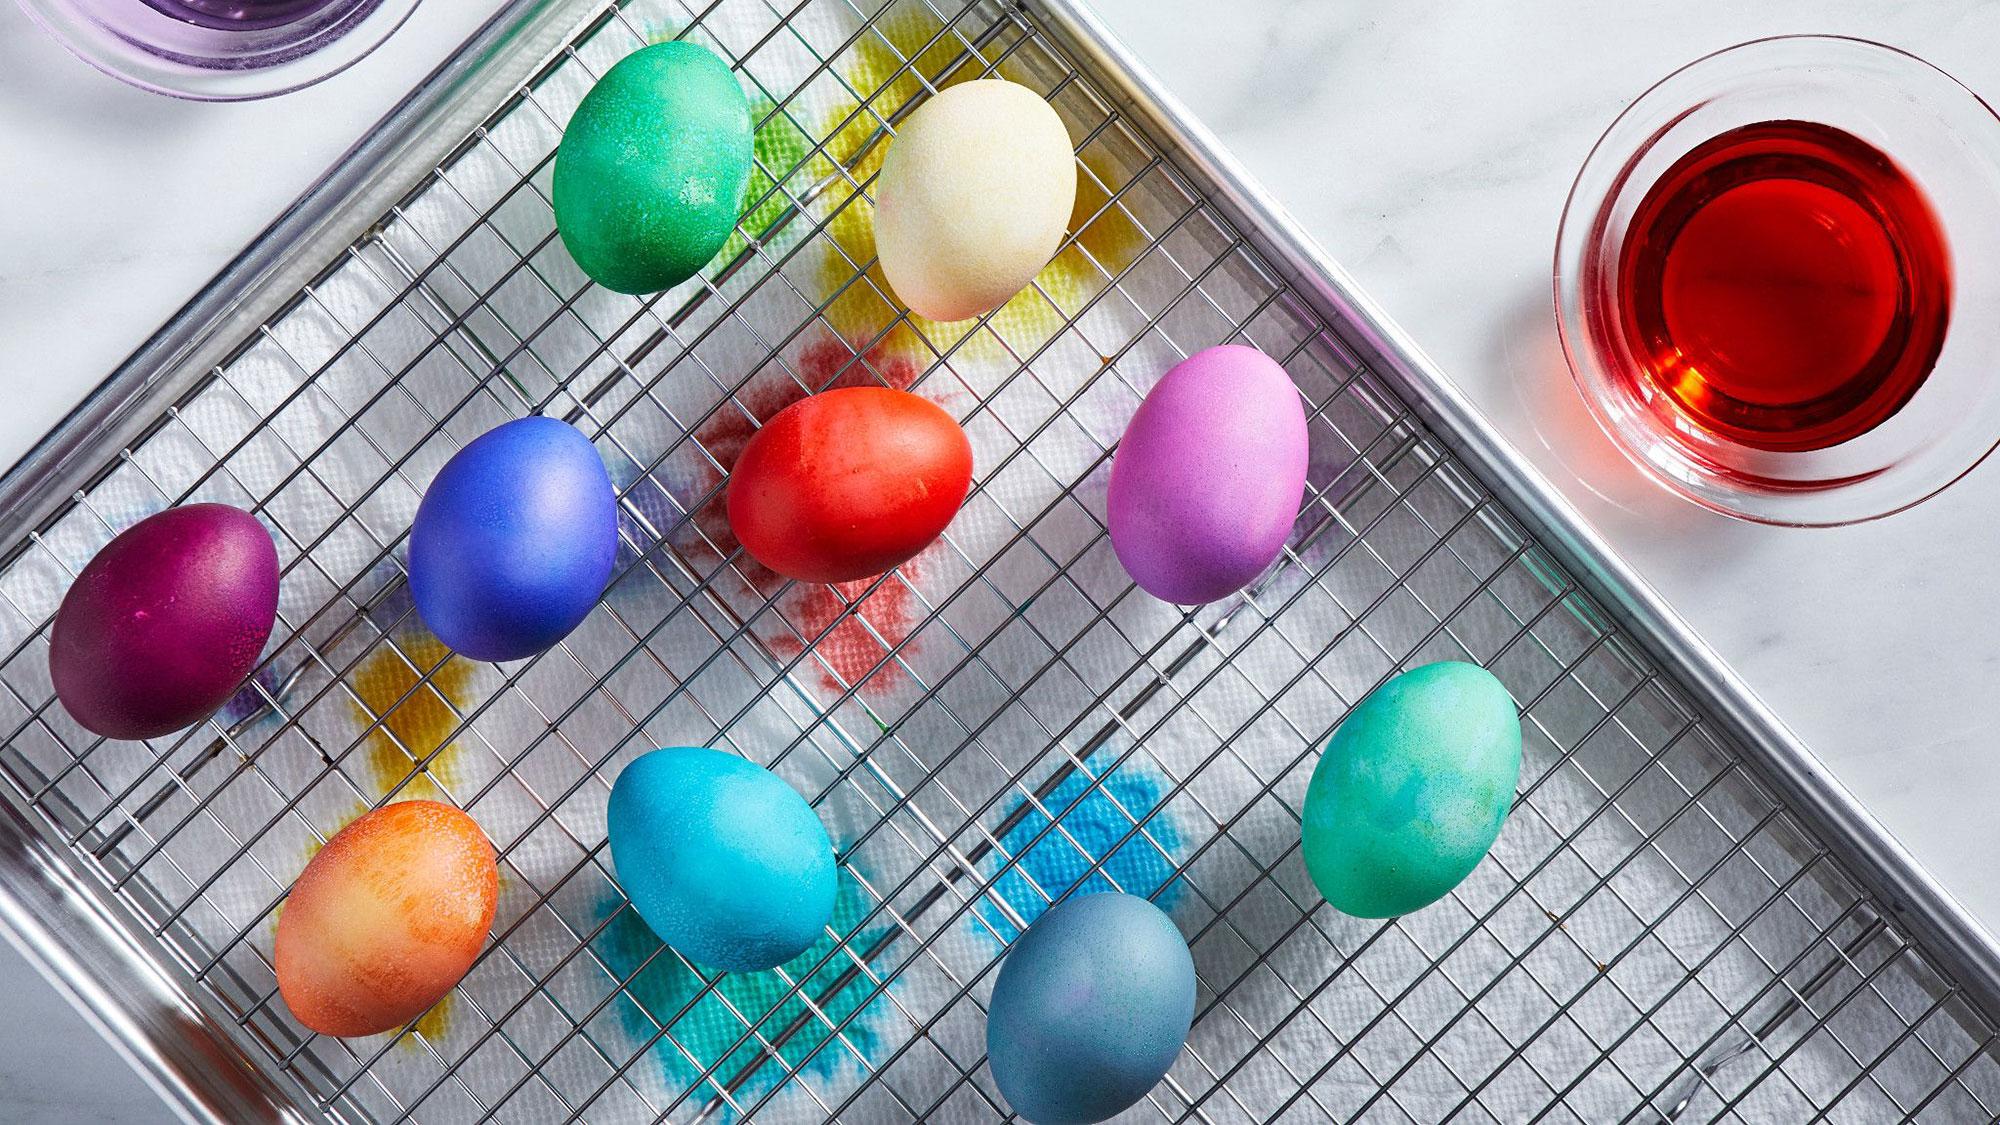 Easter Egg Coloring Pages | Easter egg coloring pages, Egg ... | 1125x2000